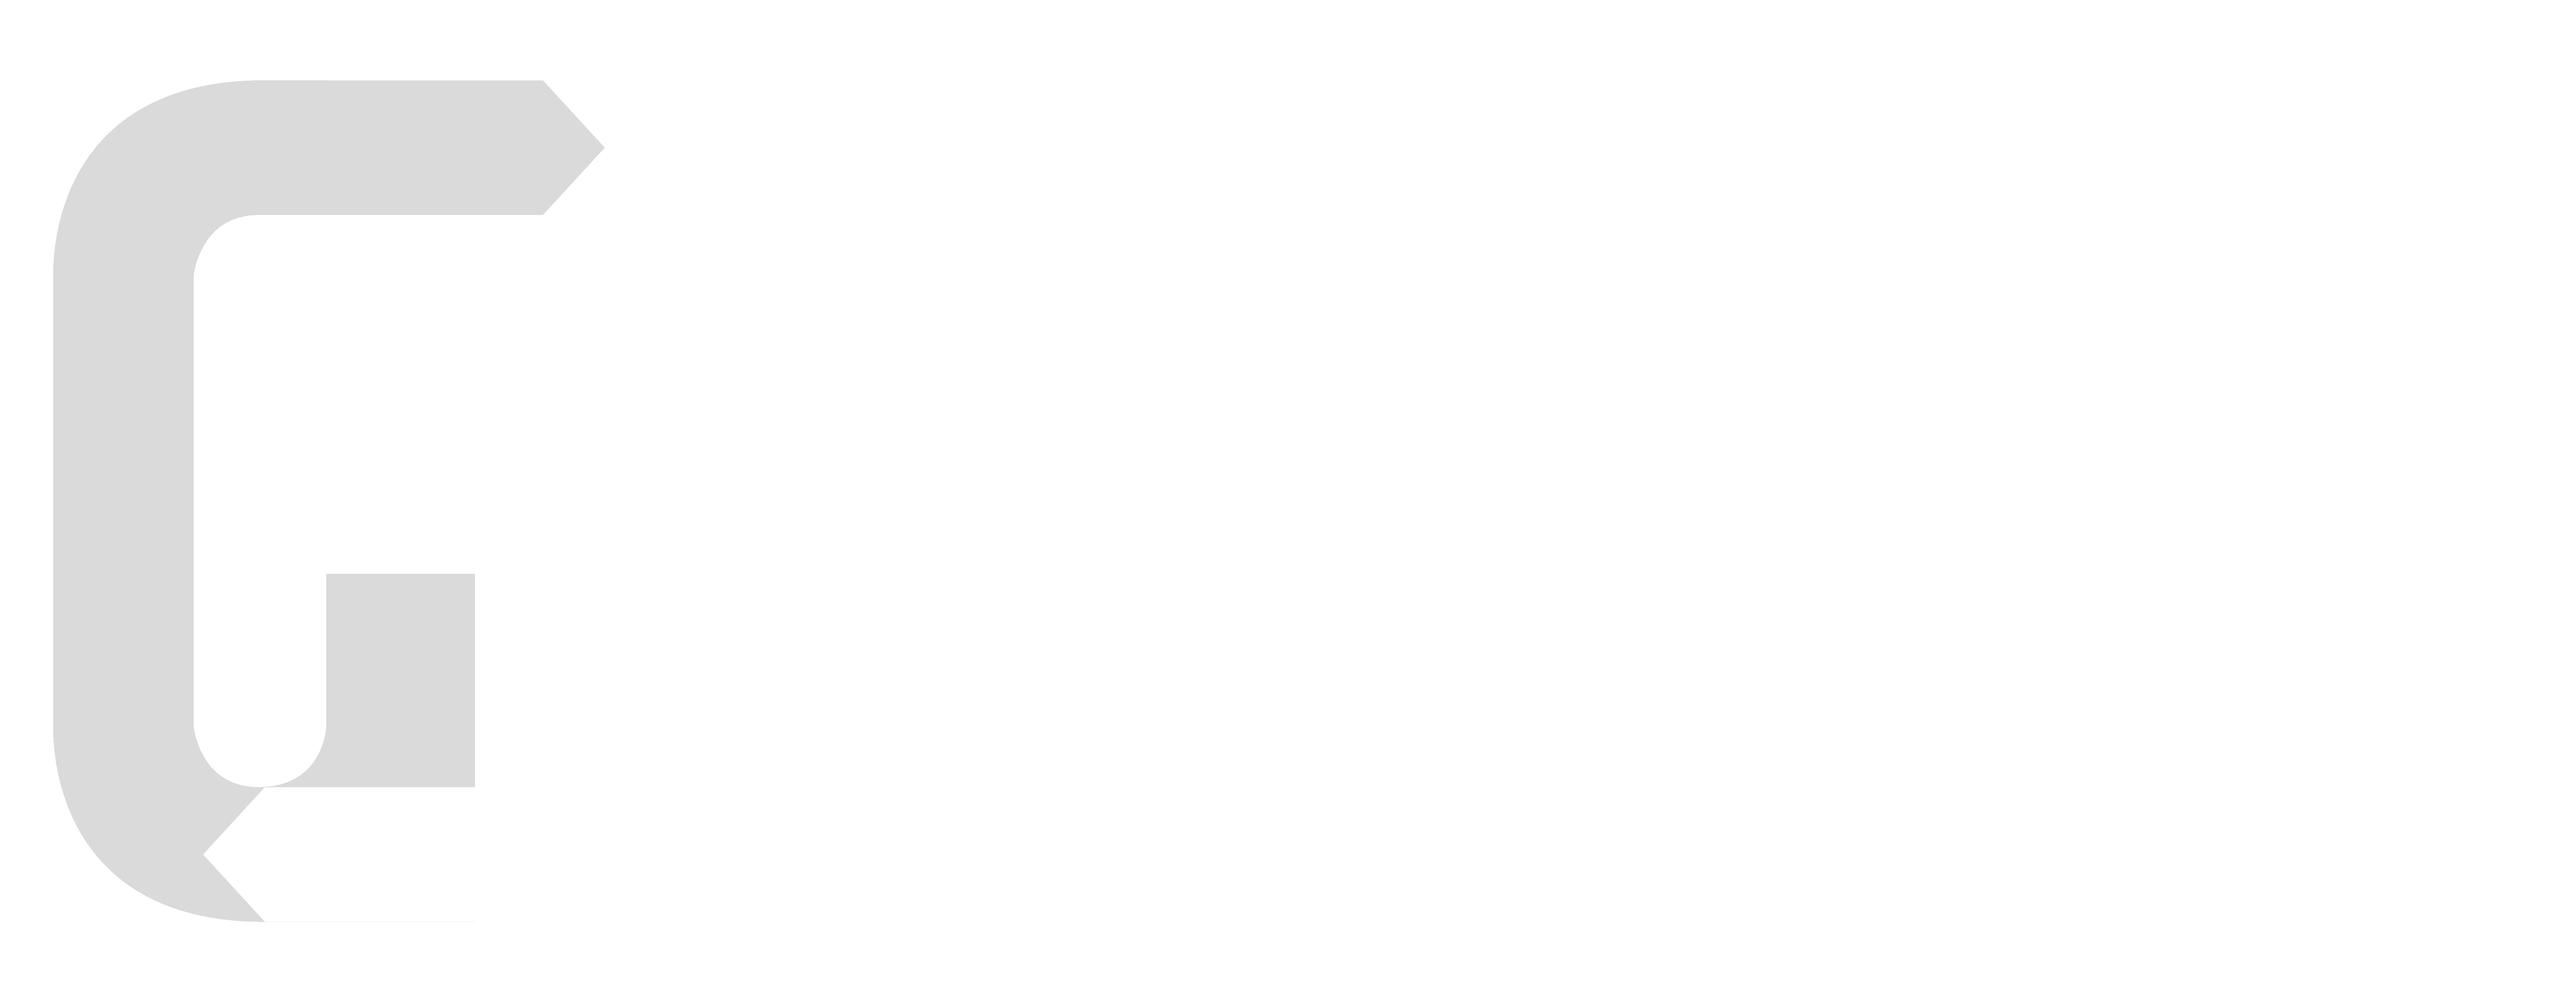 heron_logo